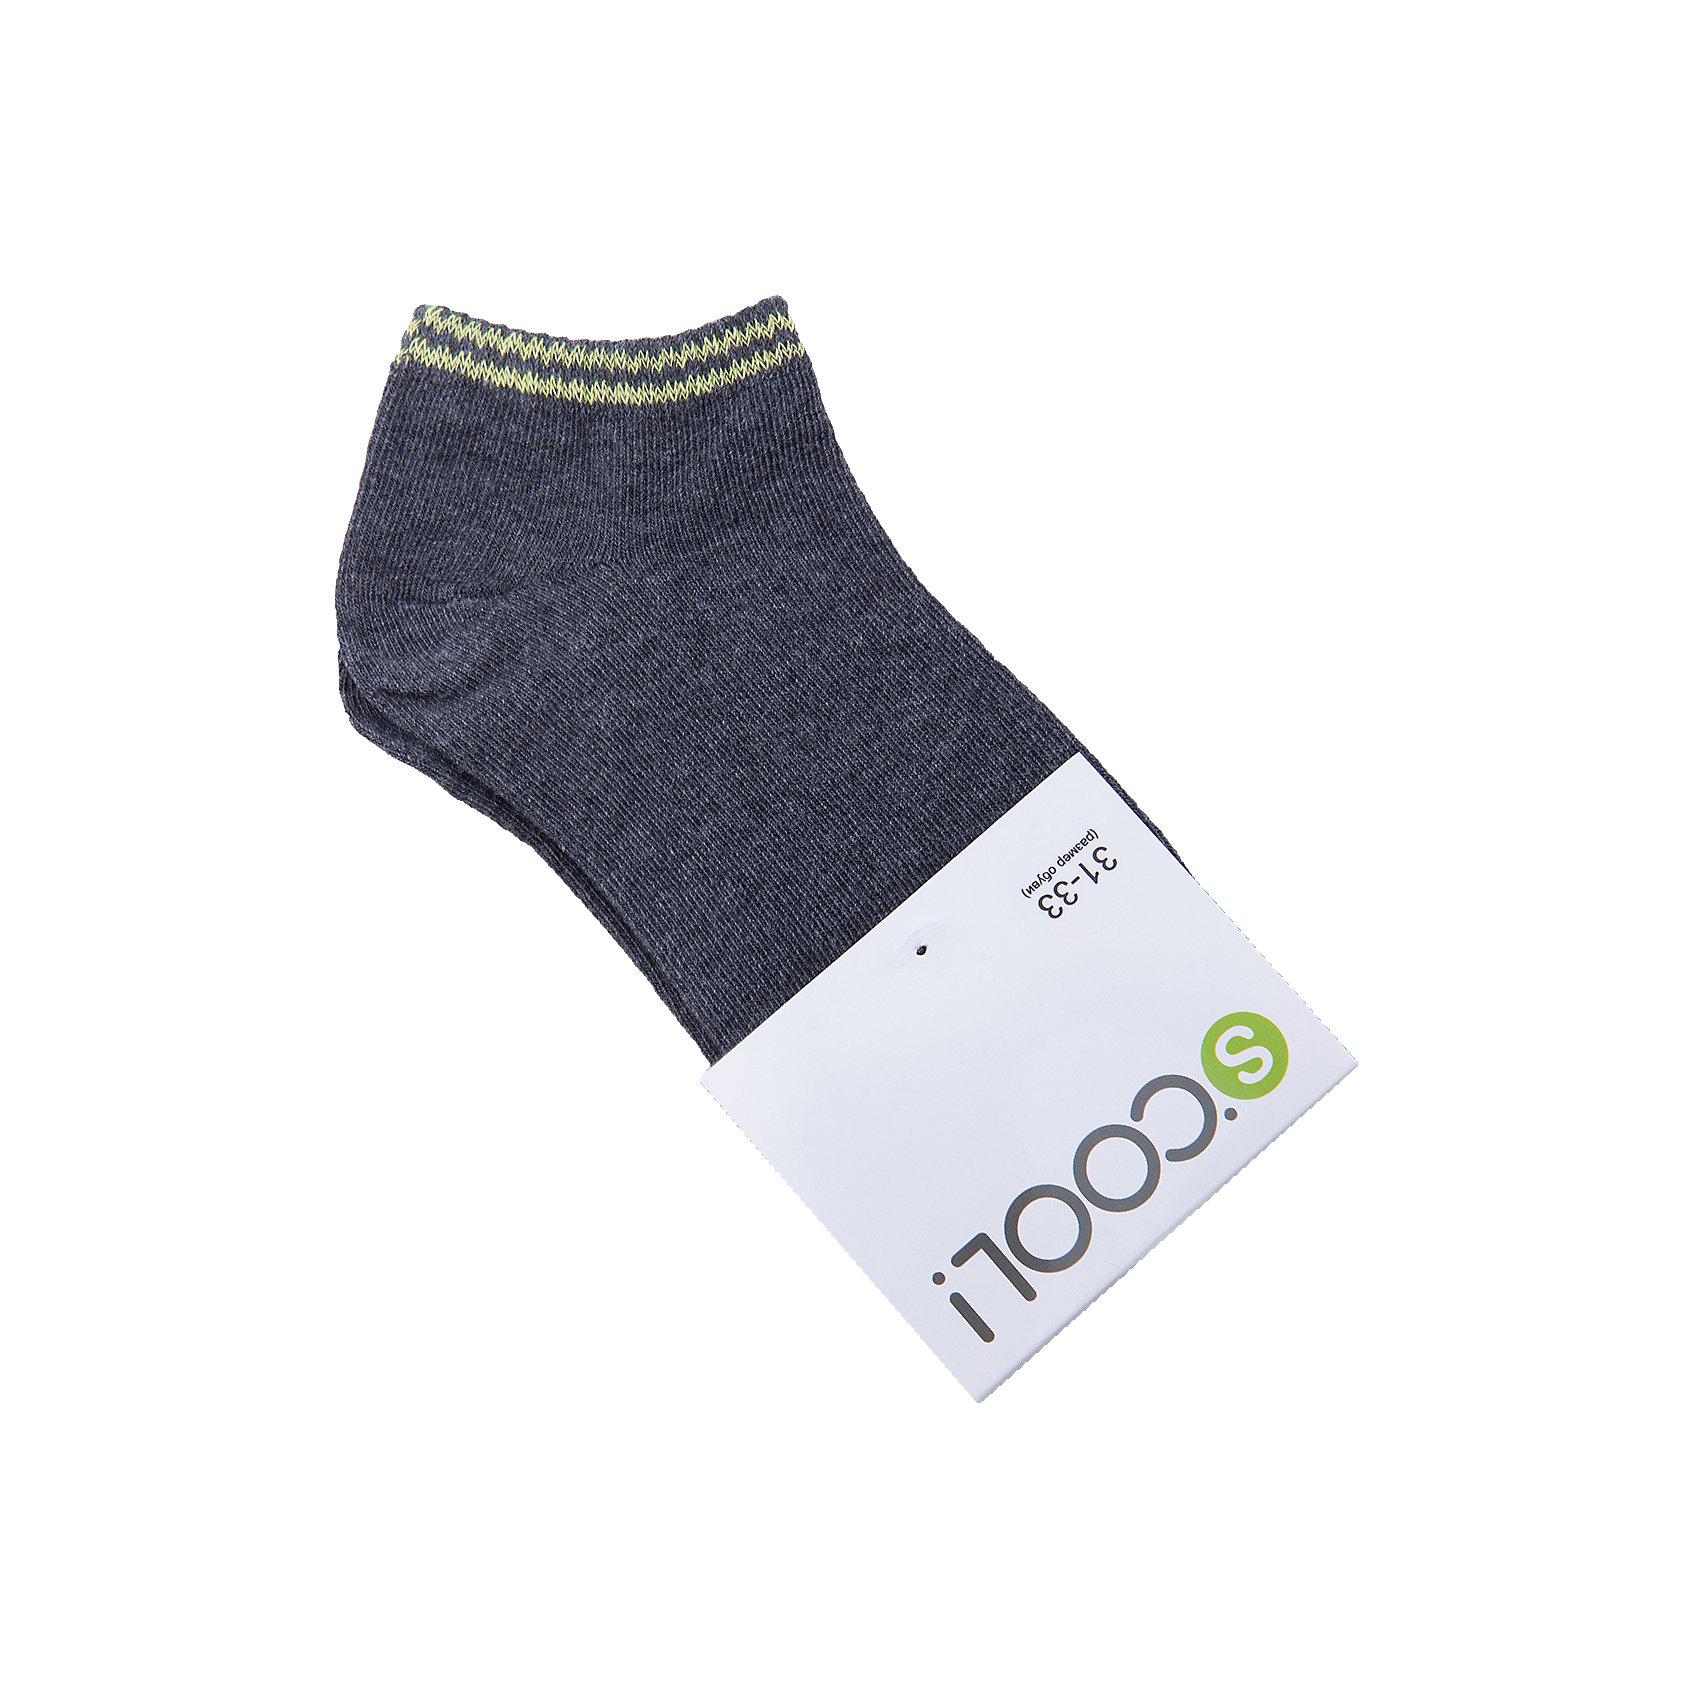 Носки для мальчика ScoolНоски<br>Носки для мальчика Scool<br>Носки очень мягкие, из качественных материалов, приятны к телу и не сковывают движений. Хорошо пропускают воздух, тем самым позволяя коже дышать.  Даже частые стирки, при условии соблюдений рекомендаций по уходу, не изменят ни форму, ни цвет изделий.Преимущества: Мягкие, выполненные из натуральных материалов, приятны к телу, не сковывают движенийХорошо пропускают воздух, позволяя тем самым коже дышатьДаже частые стирки, при условии соблюдений рекомендаций по уходу, не изменят ни форму, ни цвет изделия<br>Состав:<br>75% хлопок, 22% нейлон, 3% эластан<br><br>Ширина мм: 87<br>Глубина мм: 10<br>Высота мм: 105<br>Вес г: 115<br>Цвет: темно-серый<br>Возраст от месяцев: 108<br>Возраст до месяцев: 144<br>Пол: Мужской<br>Возраст: Детский<br>Размер: 20,24,22<br>SKU: 5406802